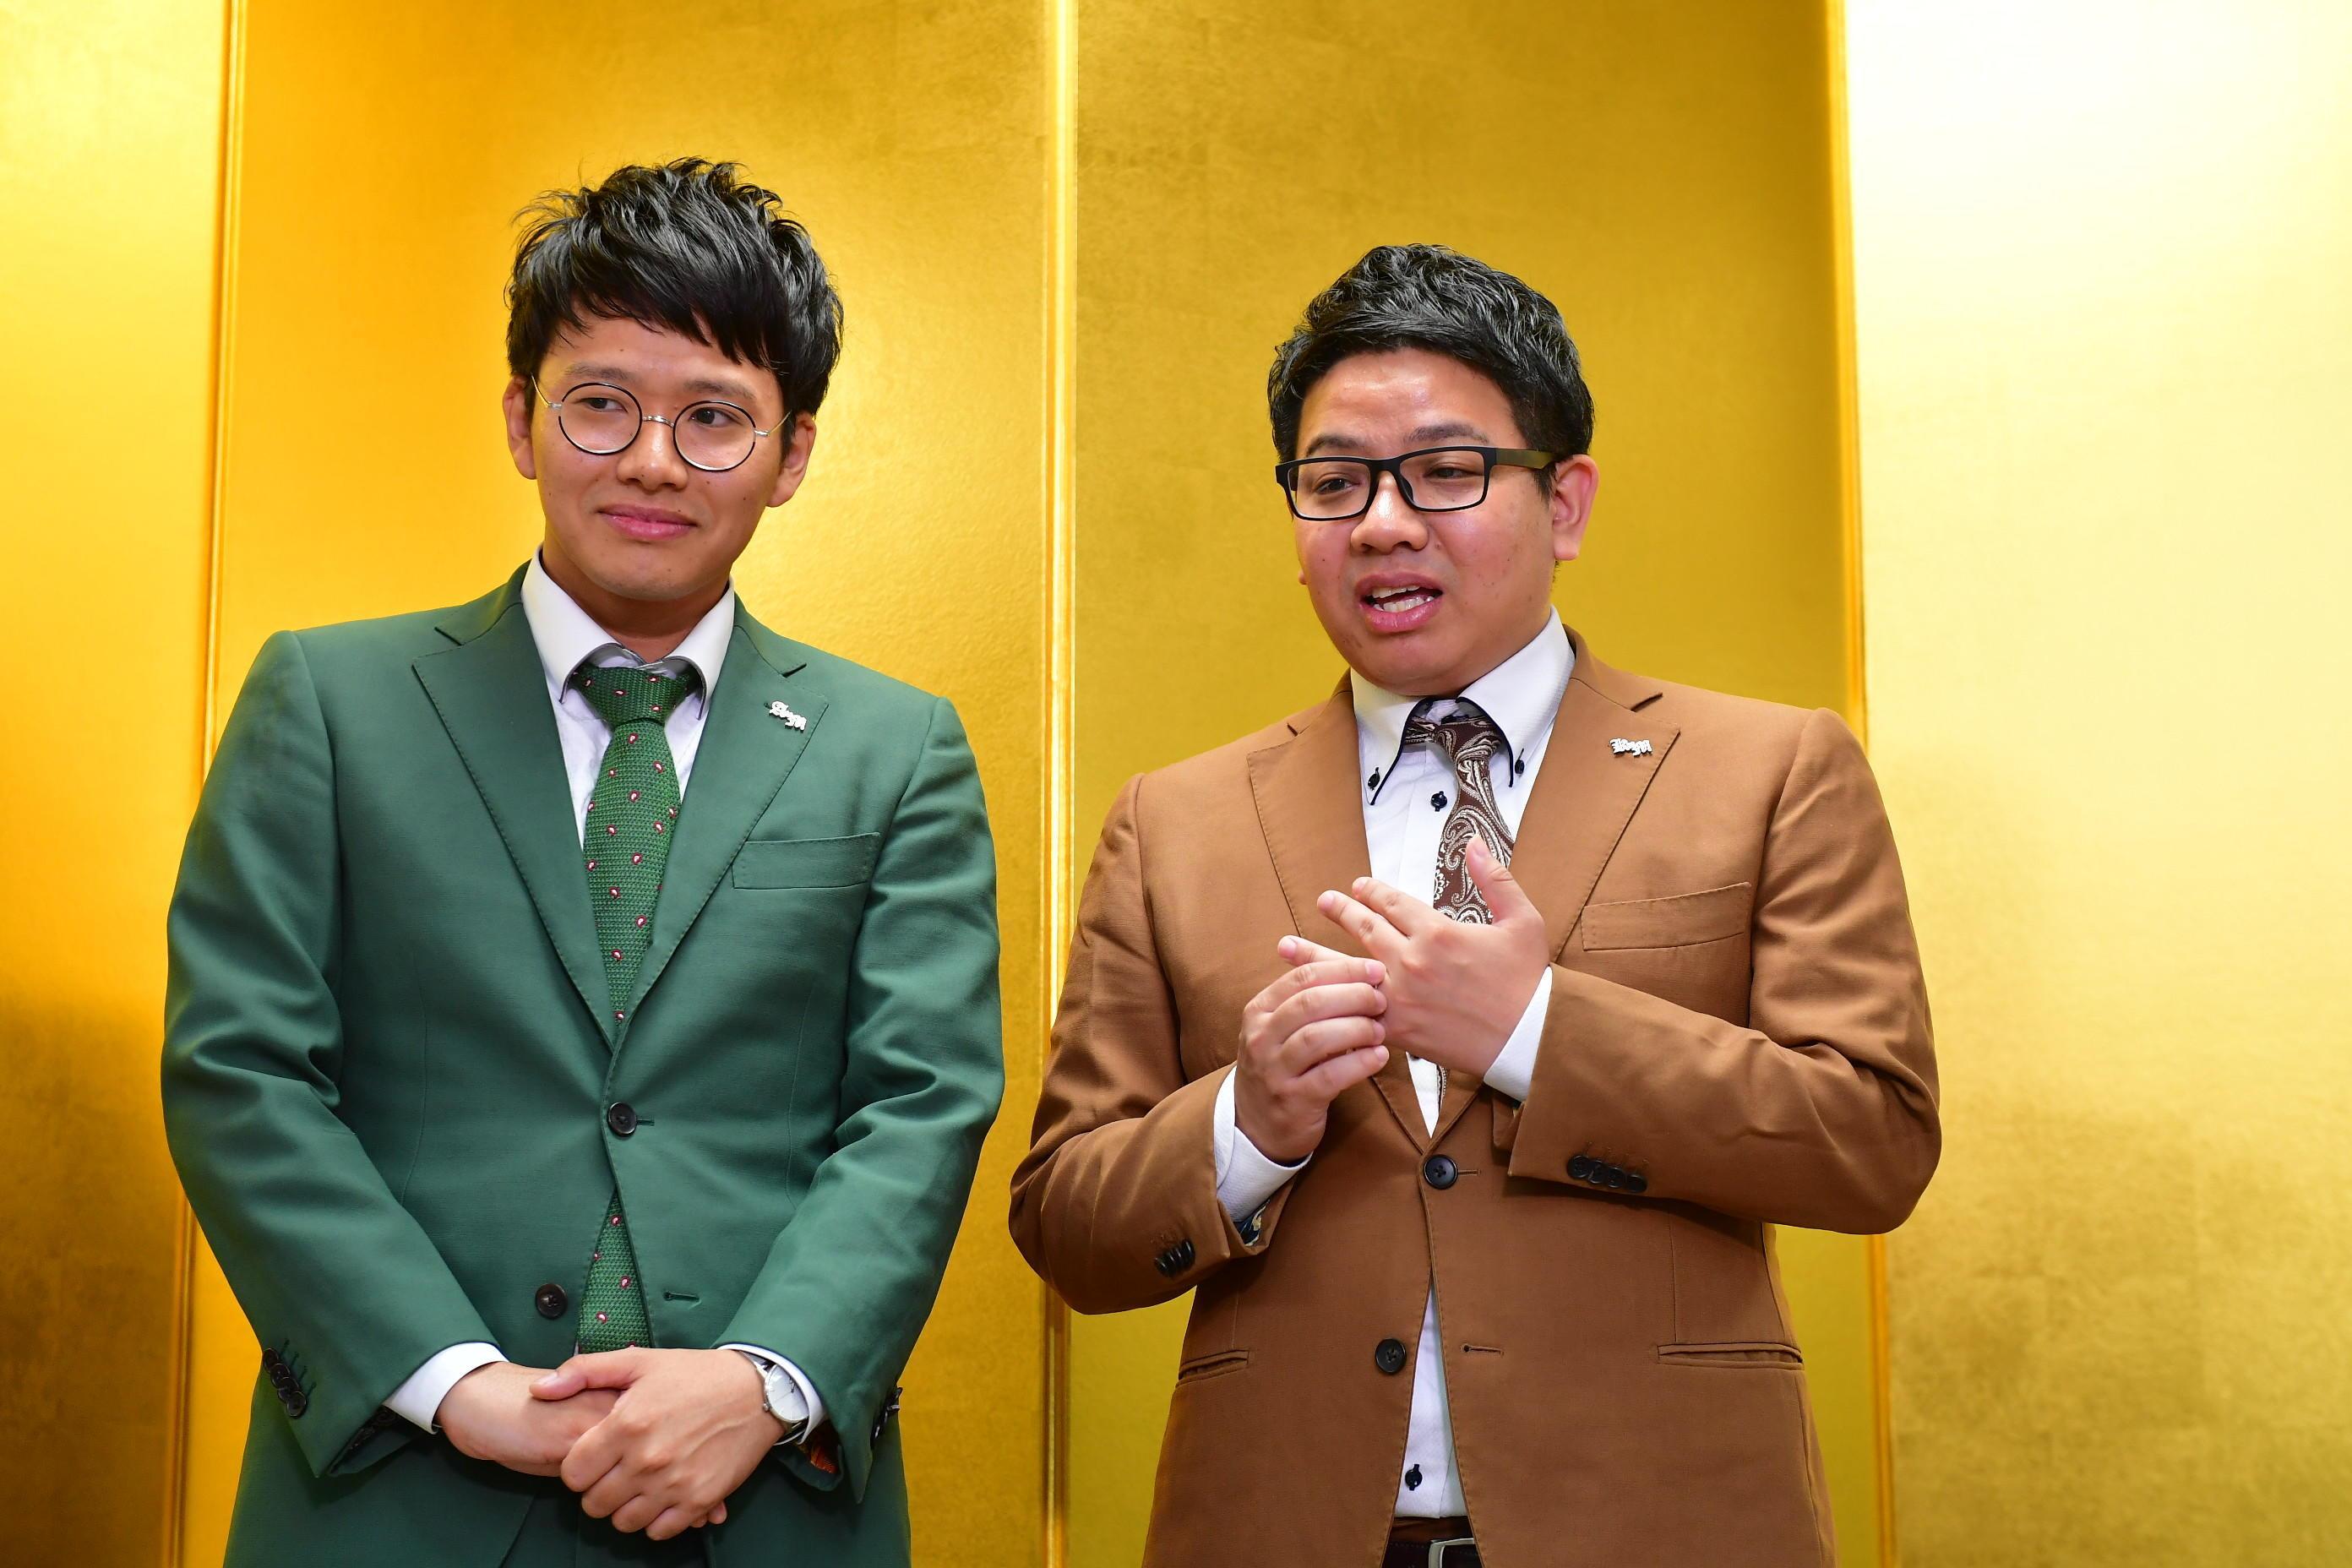 http://news.yoshimoto.co.jp/20180608051651-2a2d0165f5ad0017728aa6a295799976d3c7be5d.jpg